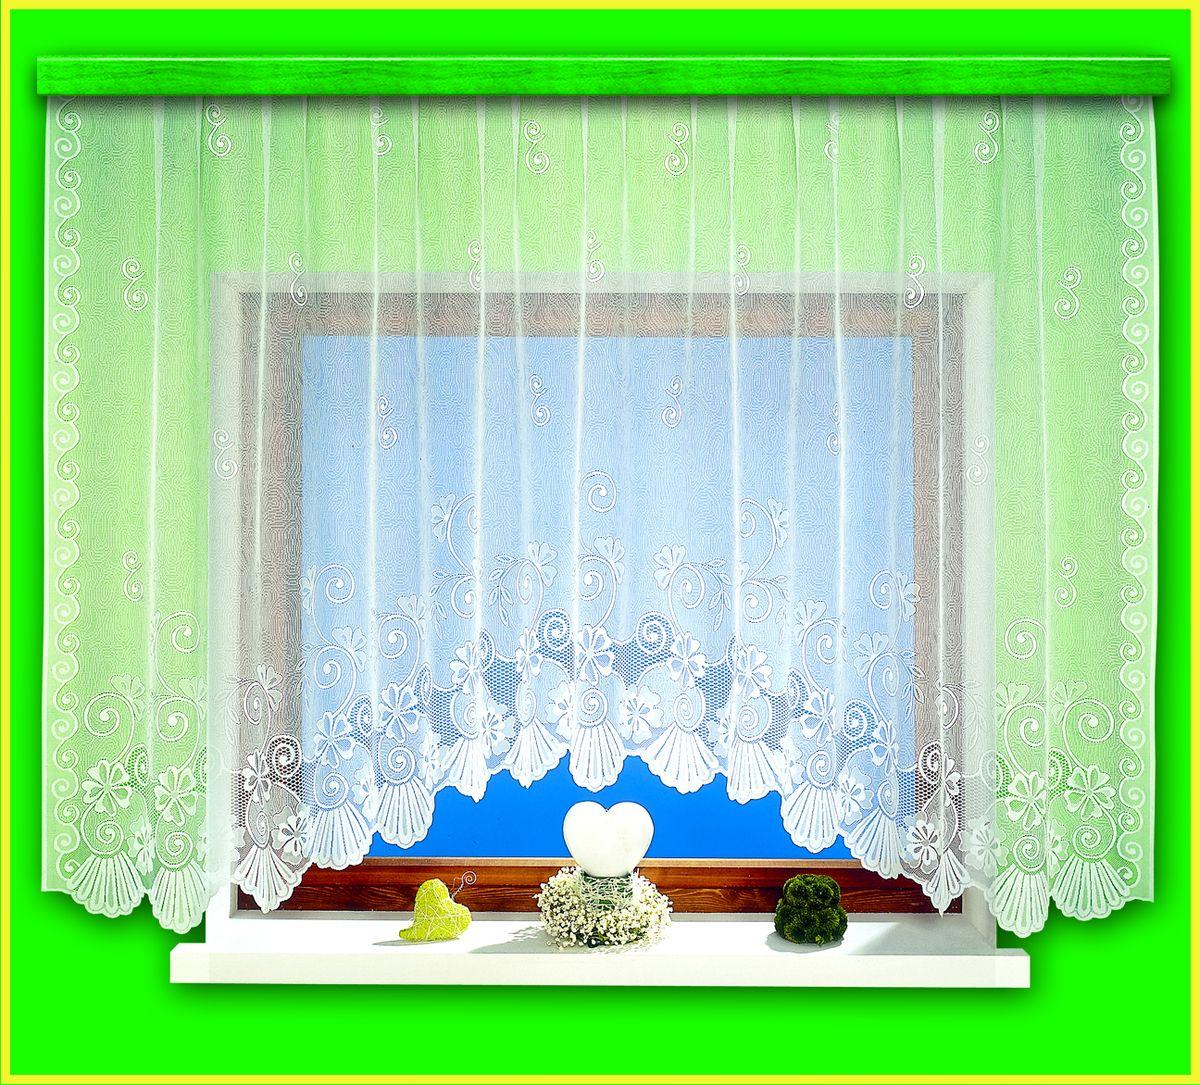 Гардина для кухни Haft Magia Wzorow, на ленте, цвет: белый, высота 160 см. 94090/160 цена